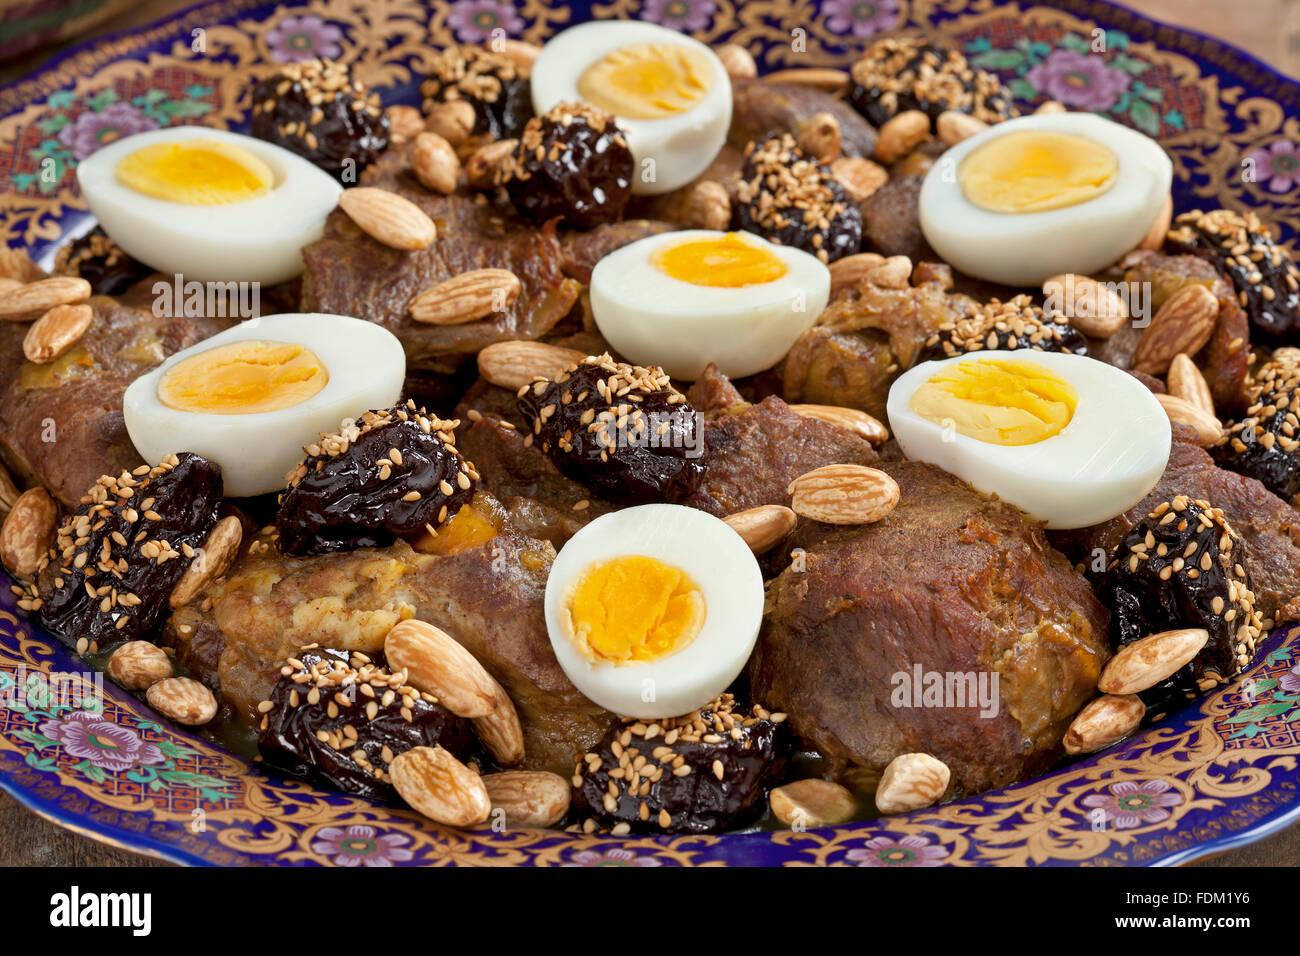 Festividad marroquí plato con carne, ciruelas, almendras y huevos cerrar Imagen De Stock